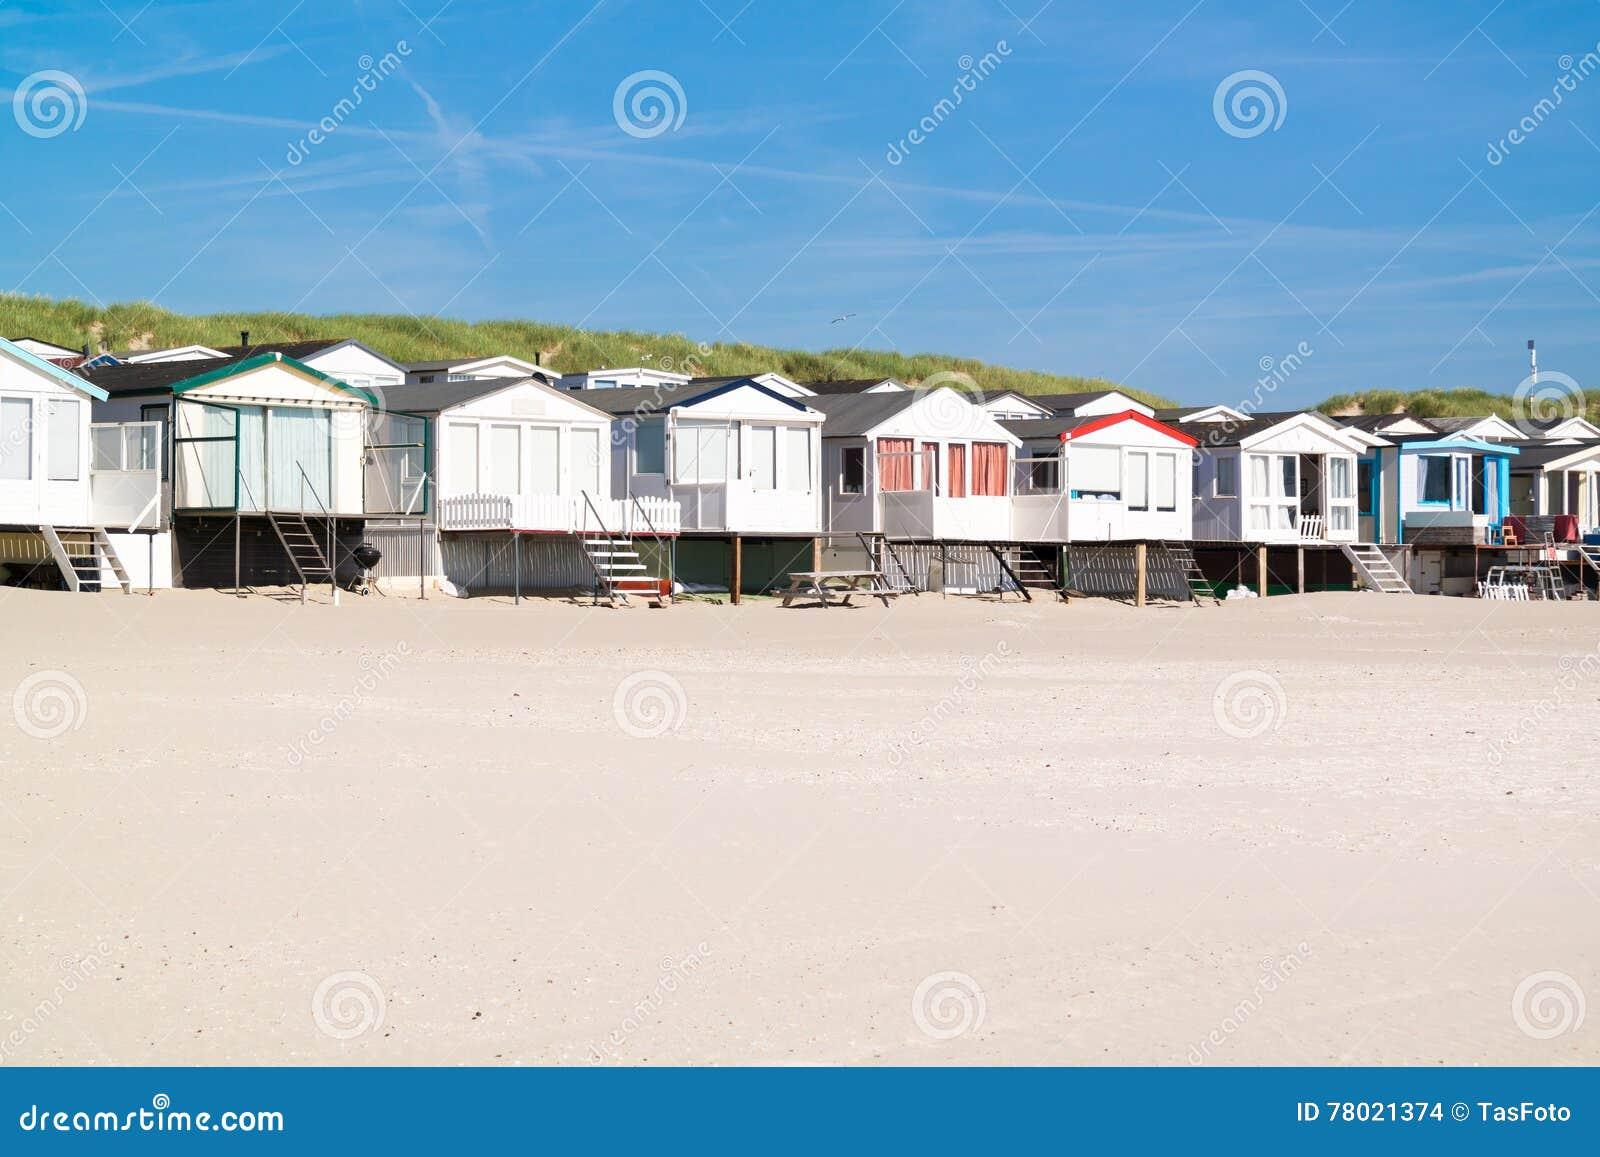 Reihe von strandhäusern die niederlande